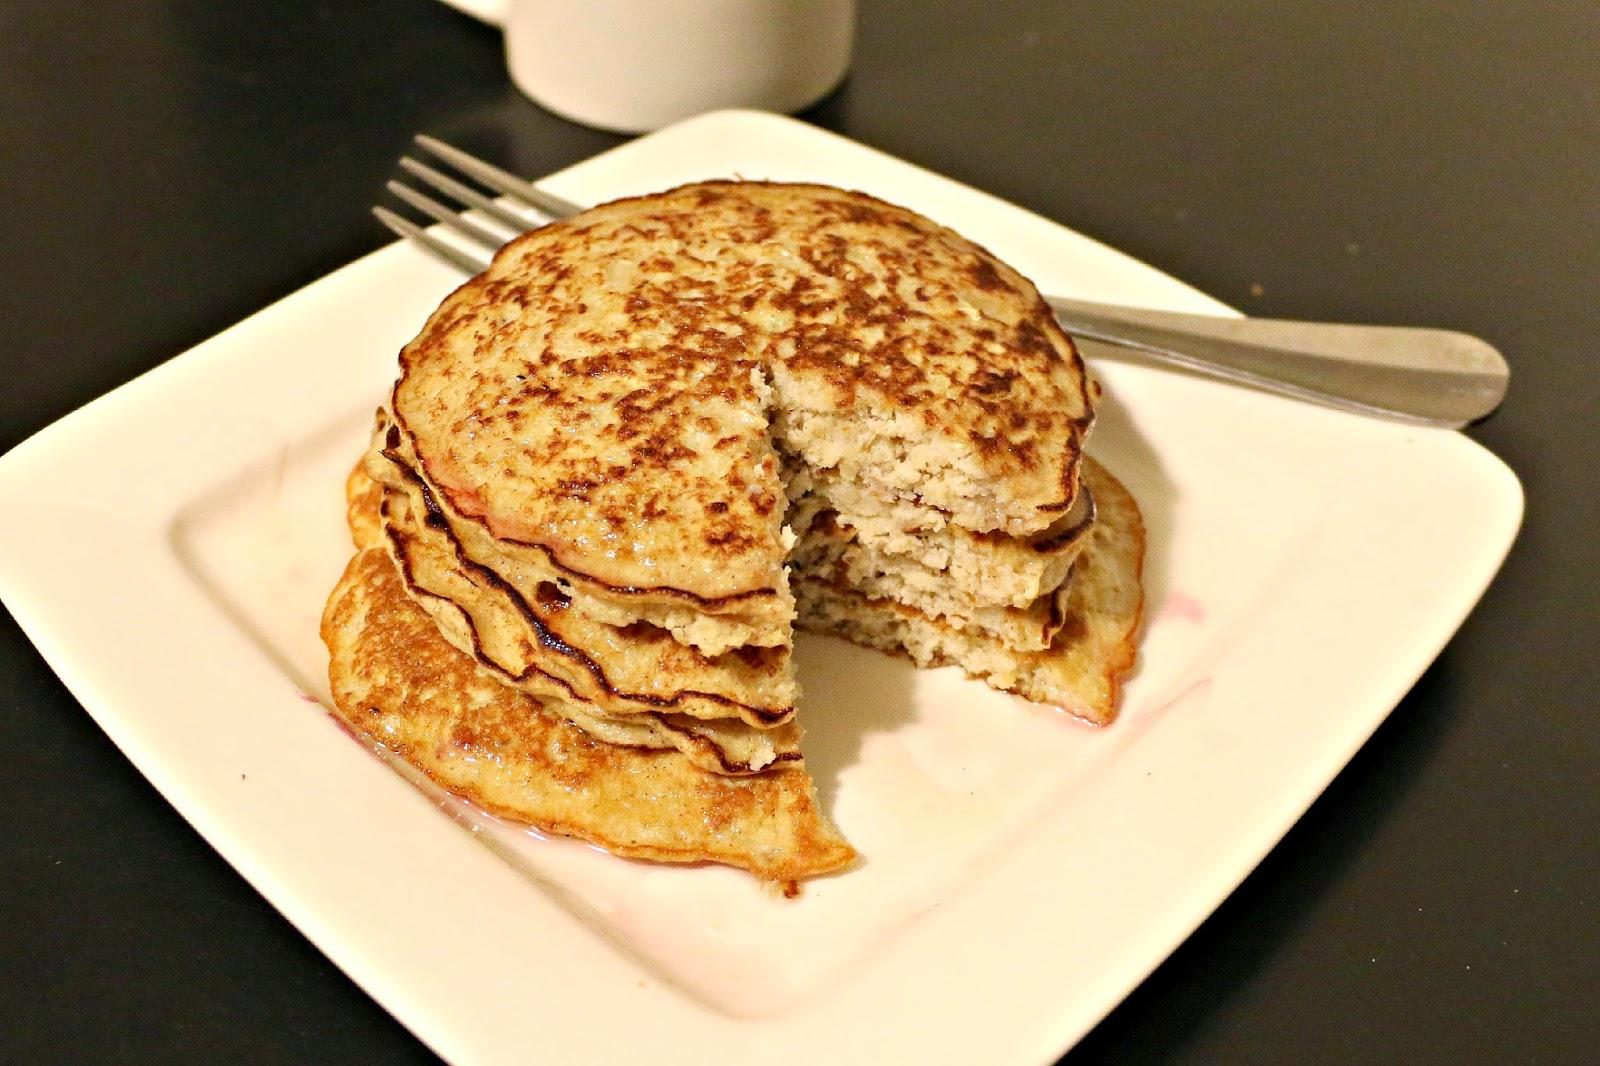 http://flipoutfam.blogspot.com/2013/12/lances-protein-pancakes.html